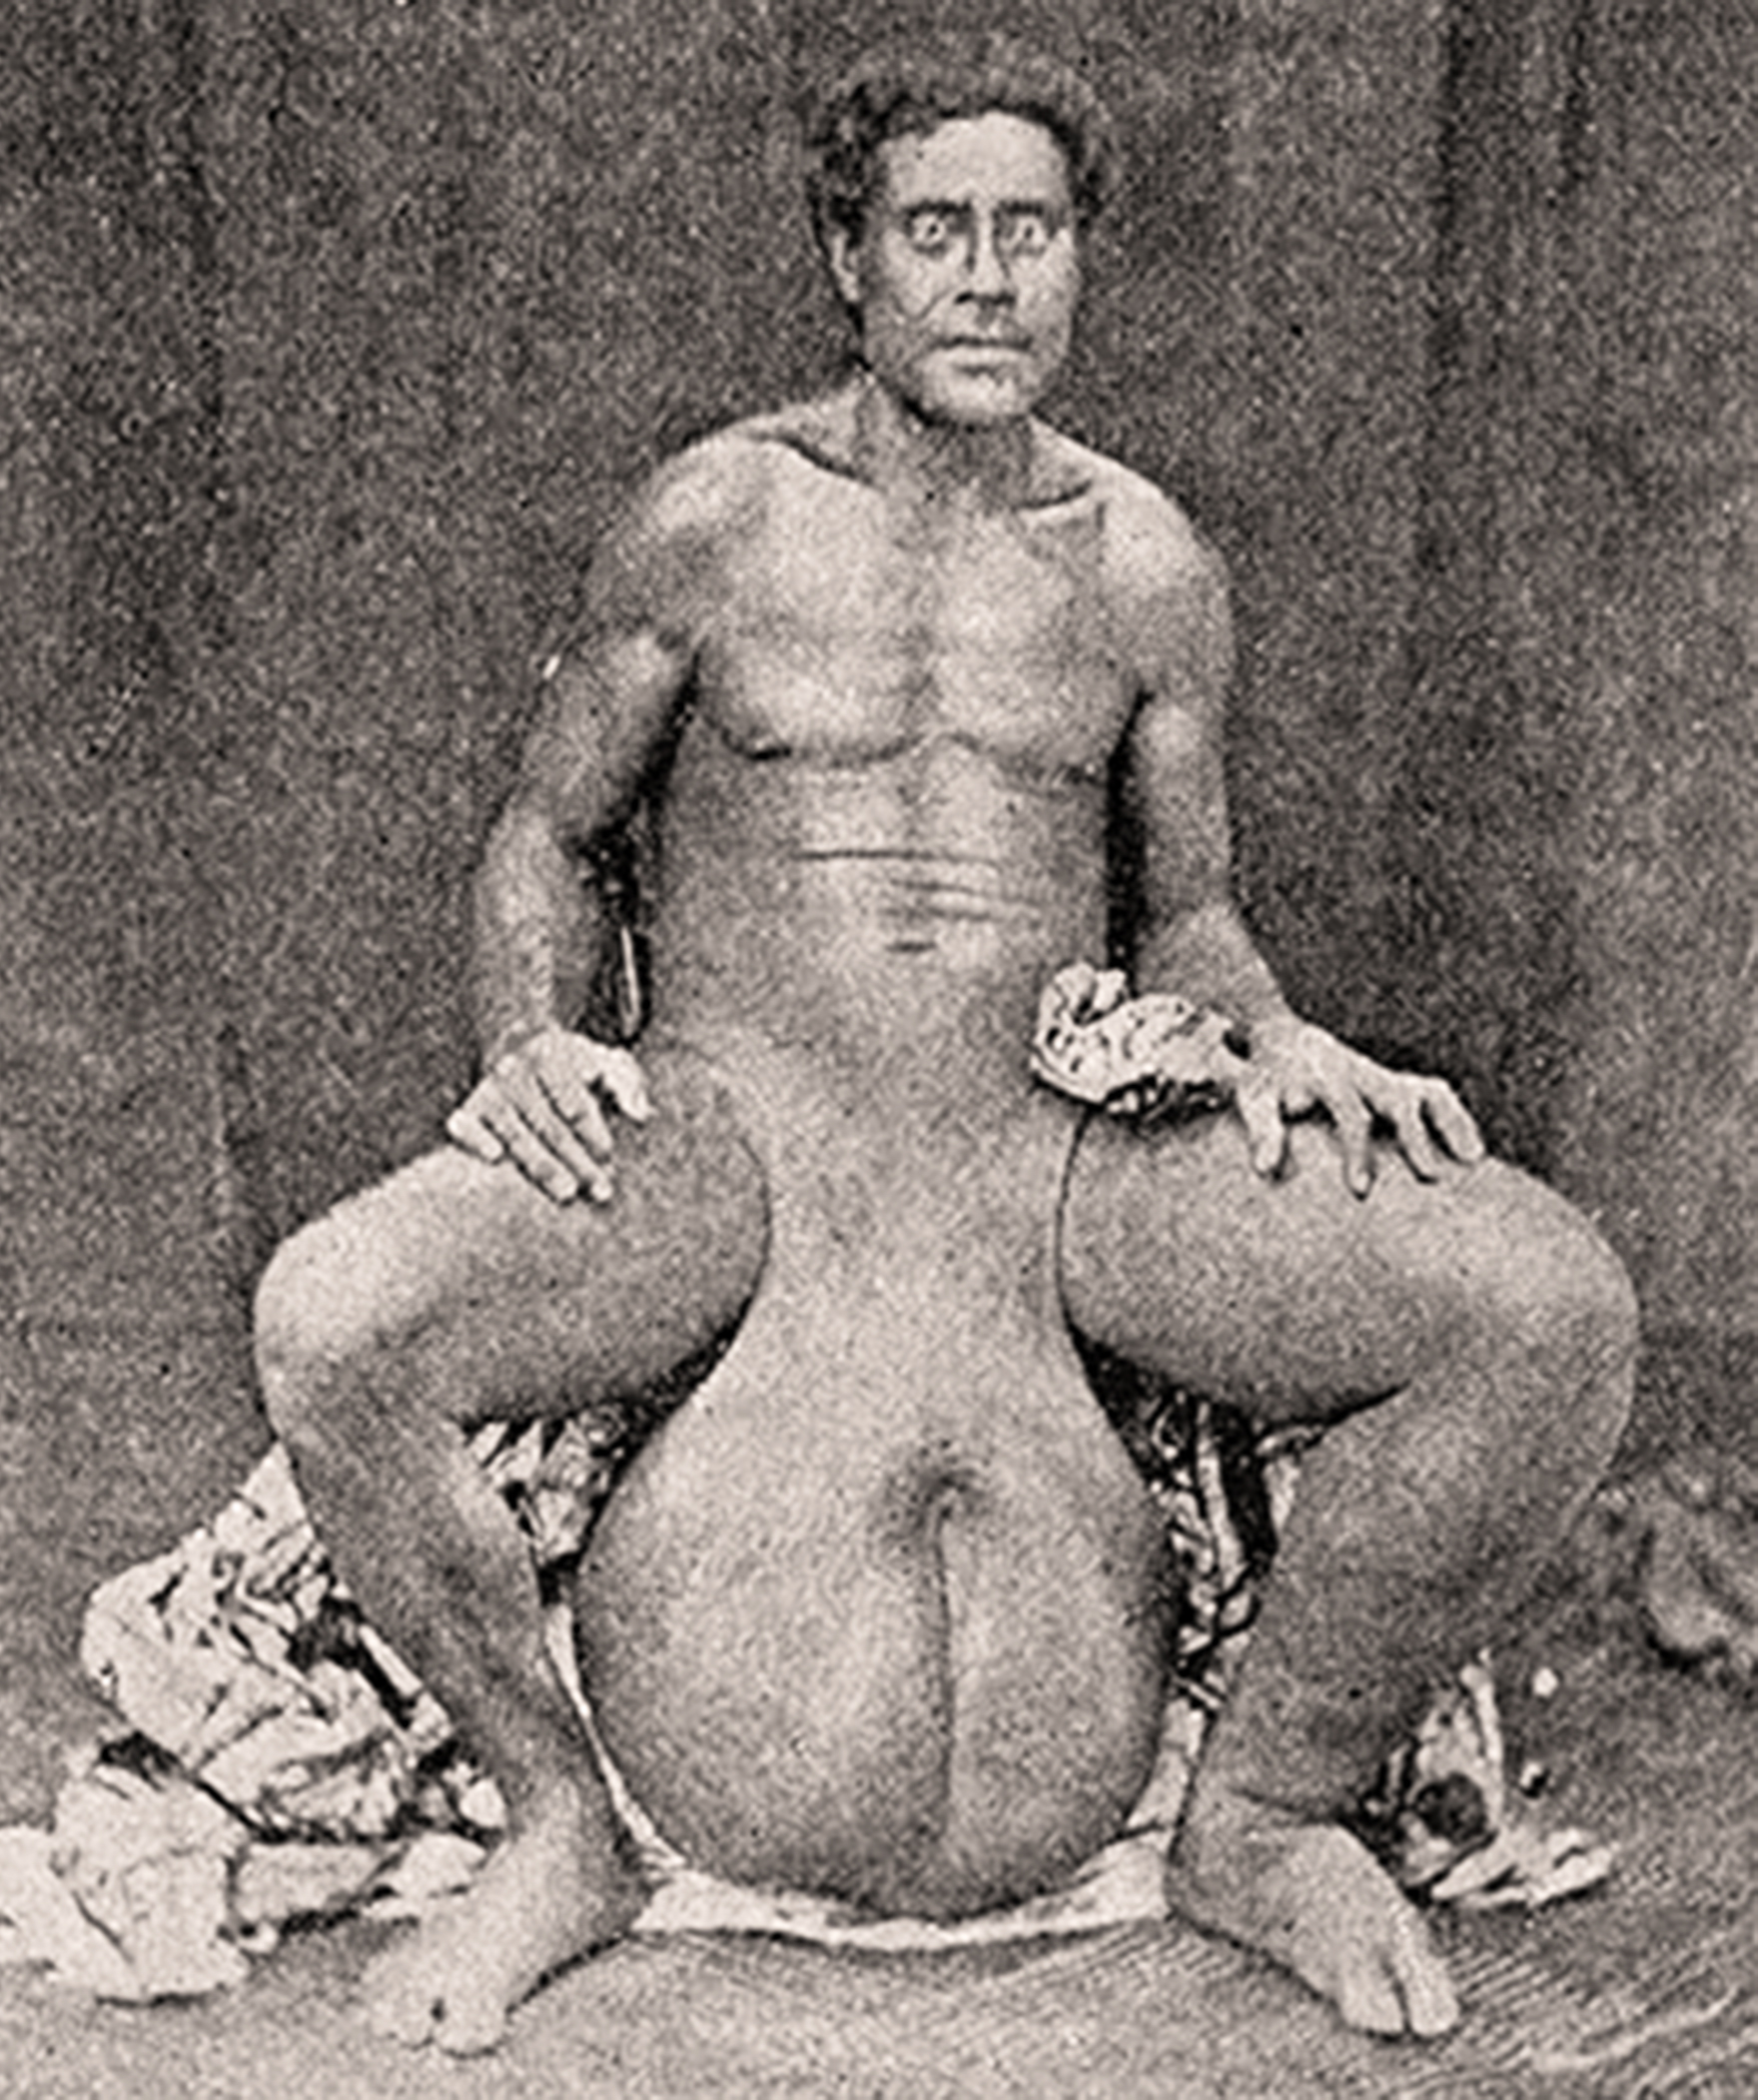 Tuméfaction du scrotum, Tahiti vers 1900